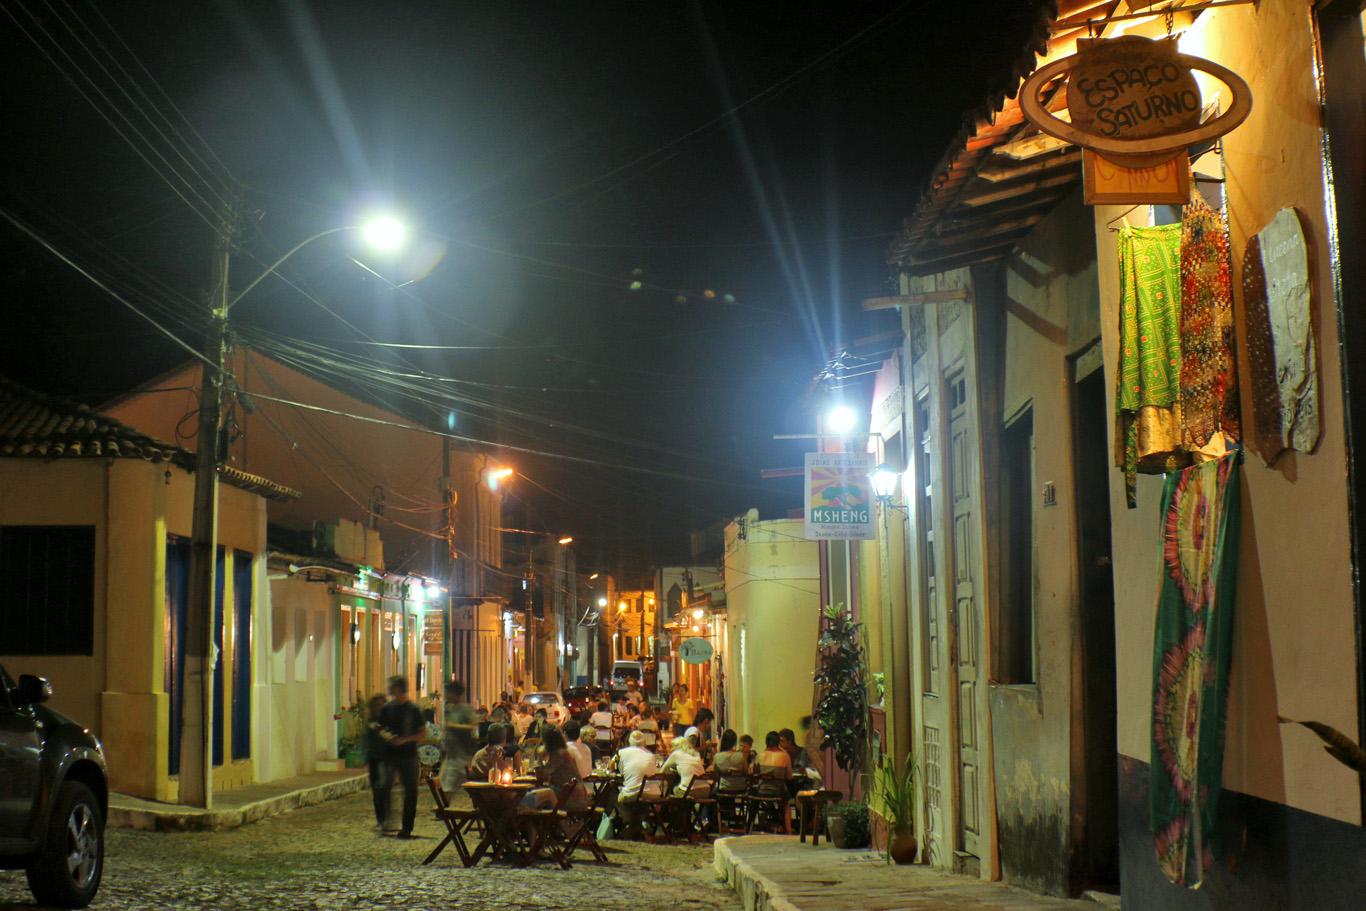 Lençóis at night